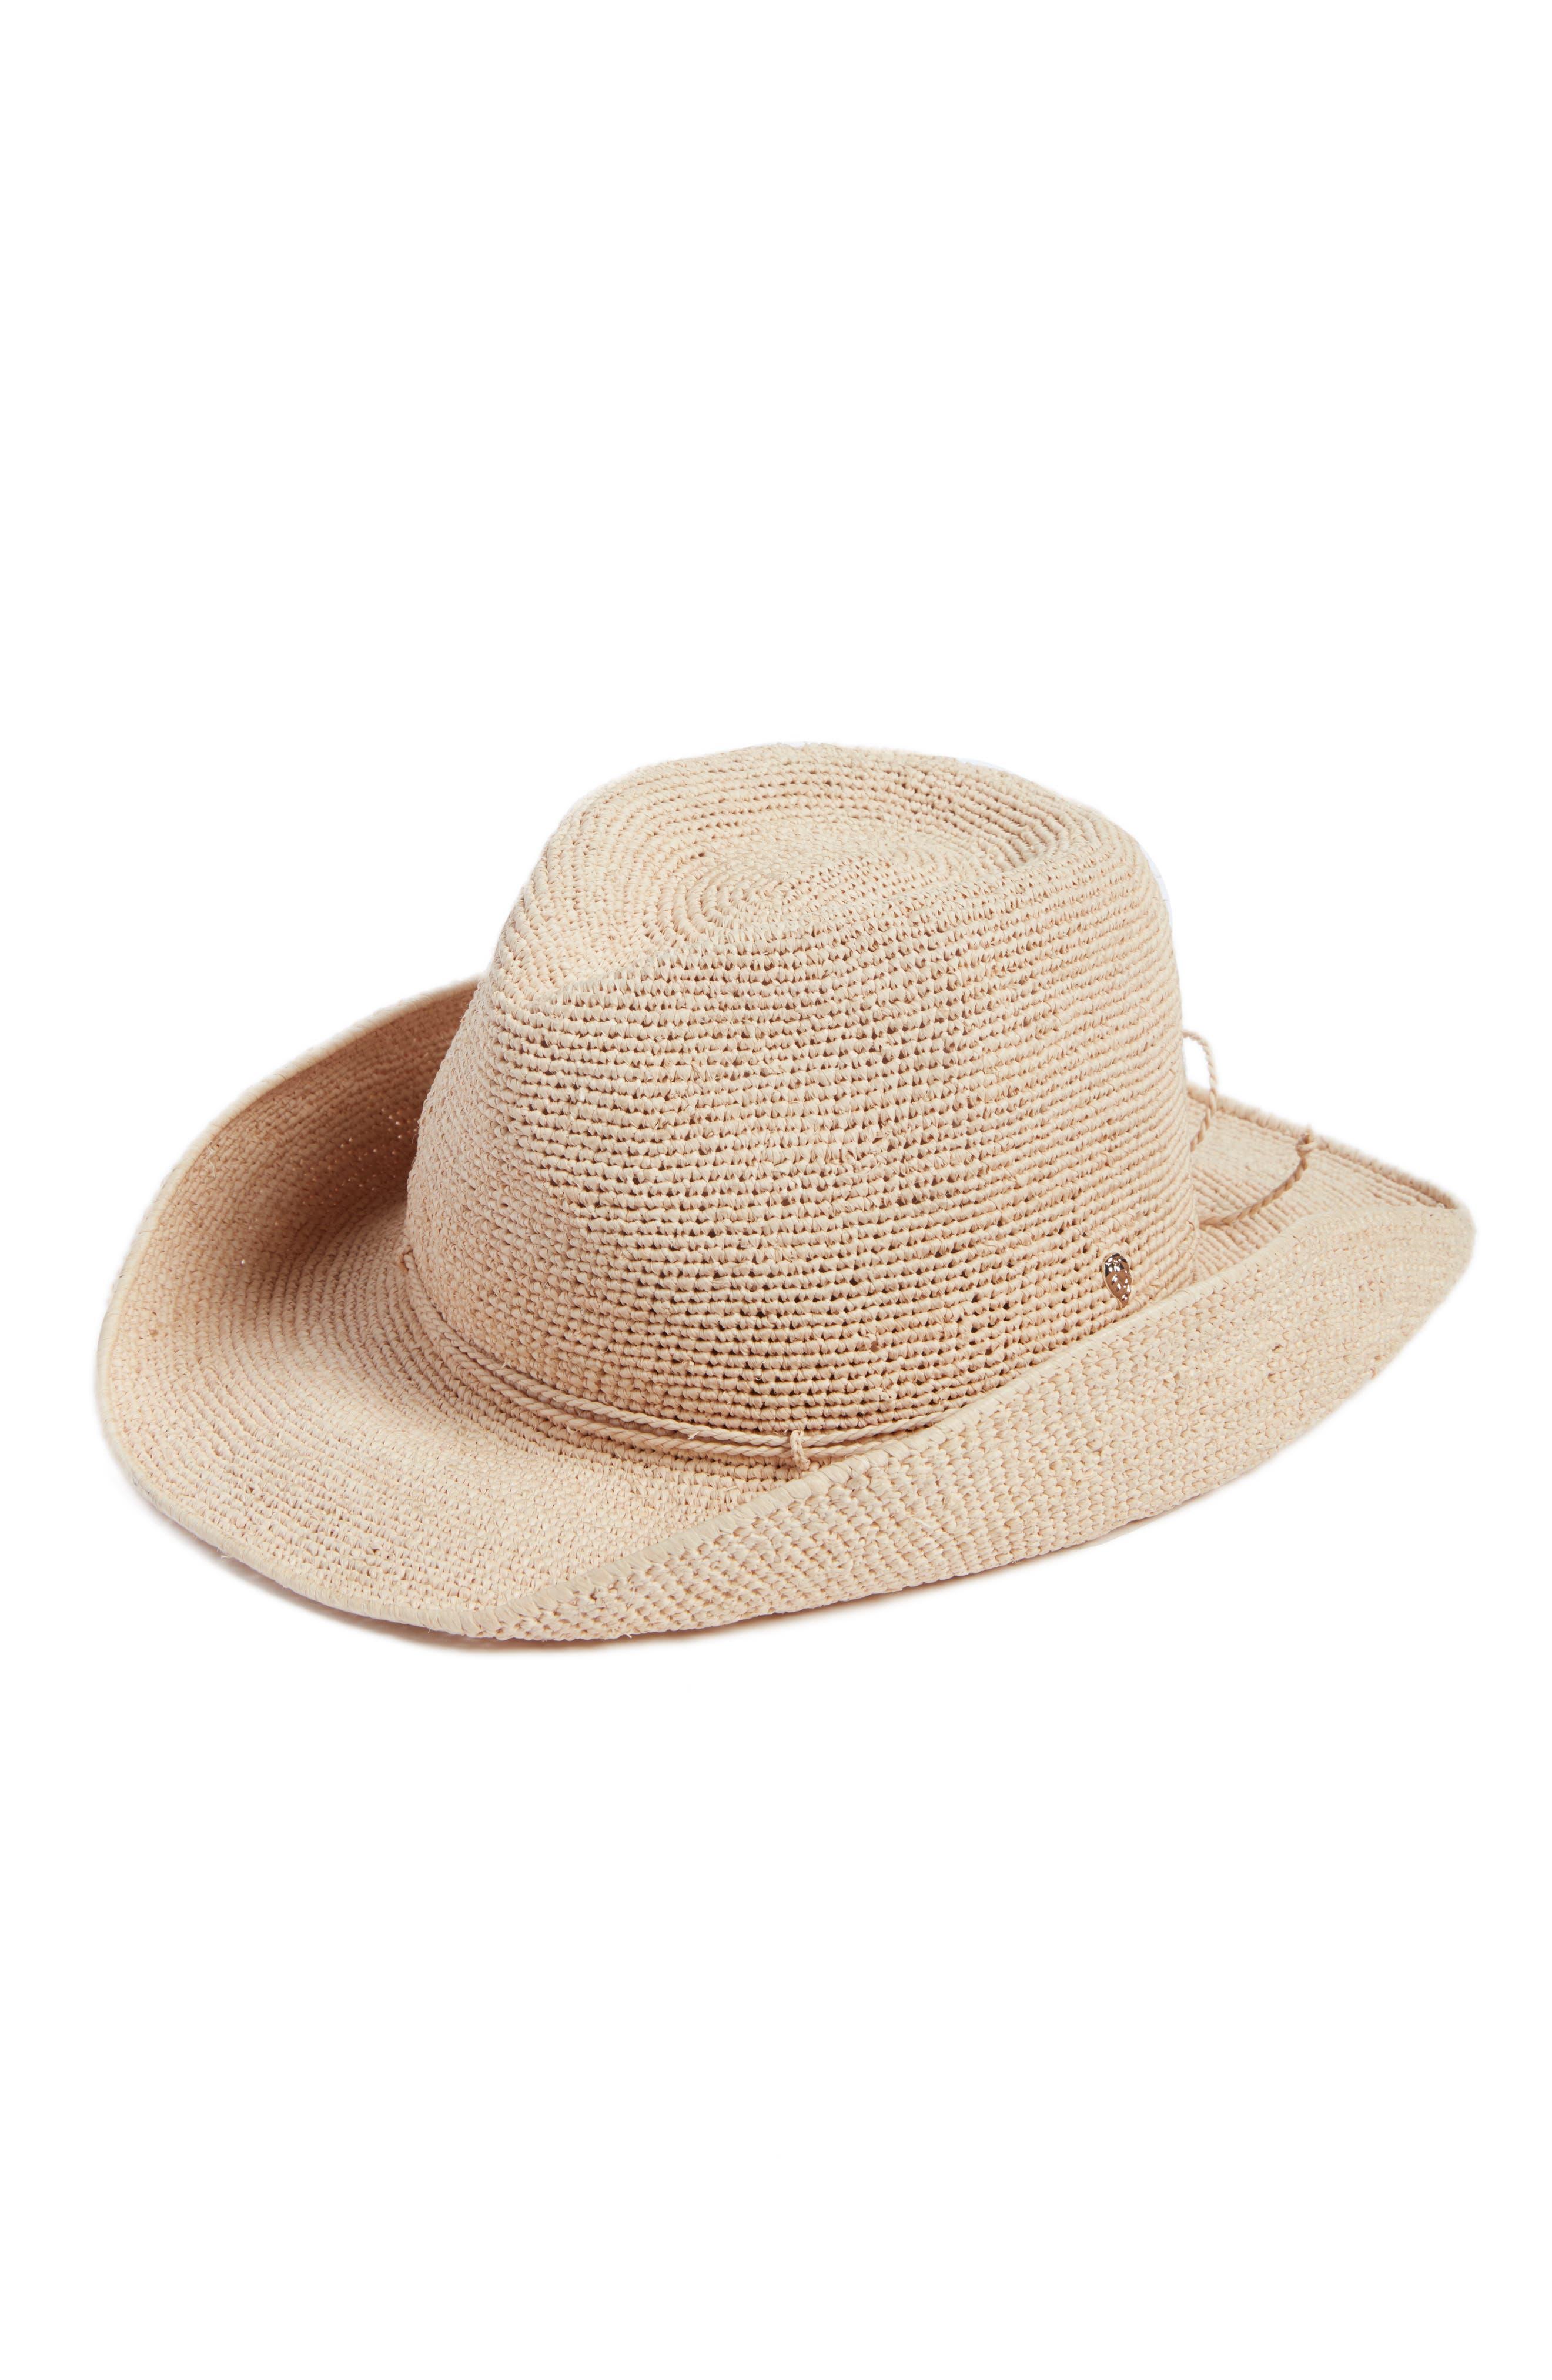 Belen Western Hat,                         Main,                         color, NATURAL